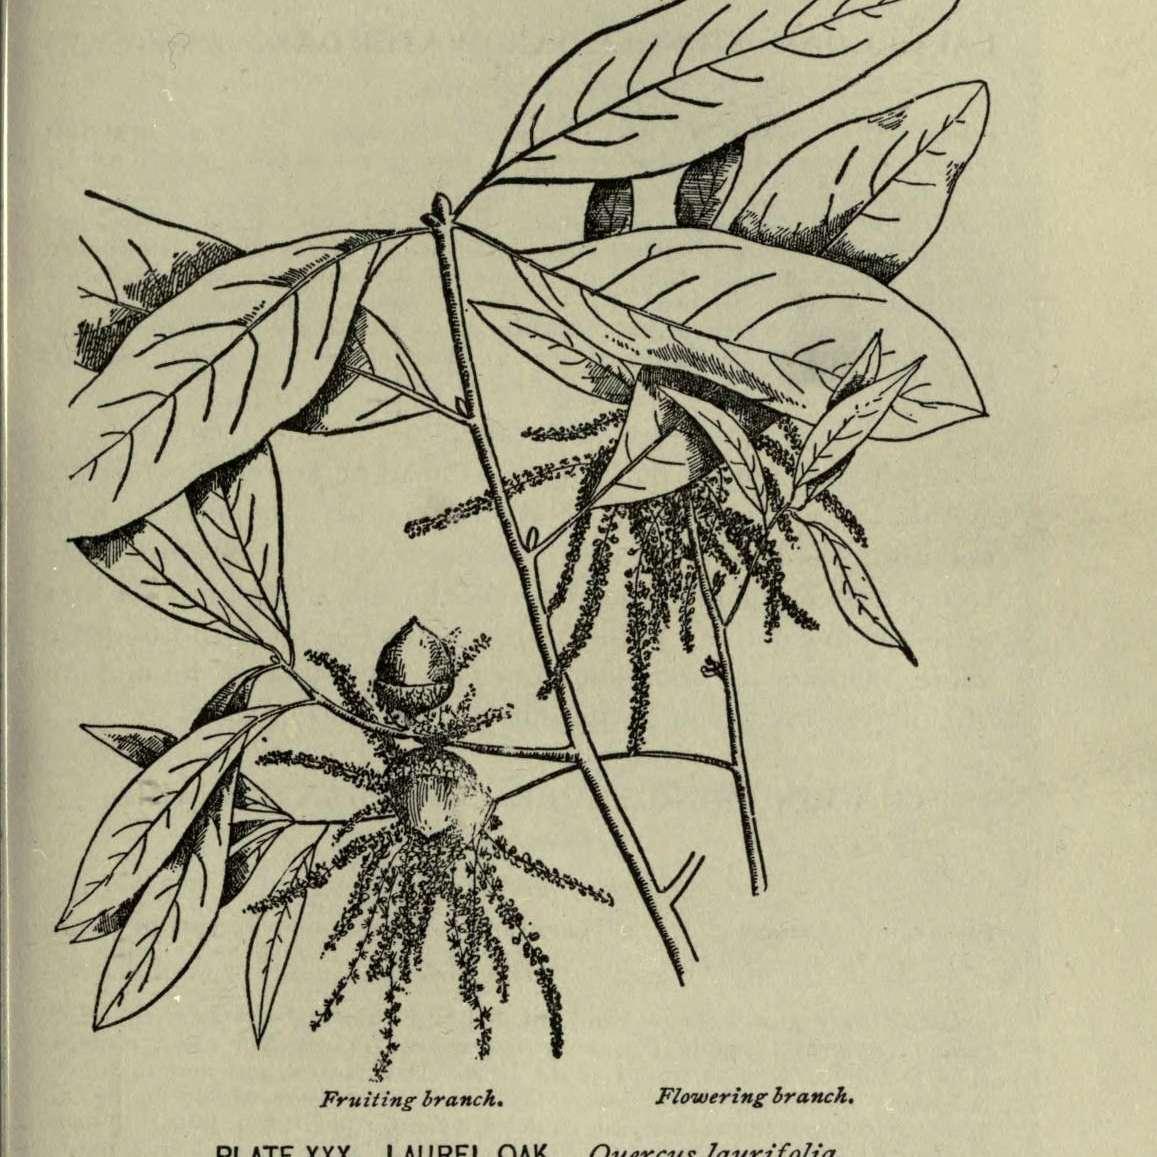 laurel oak illustration